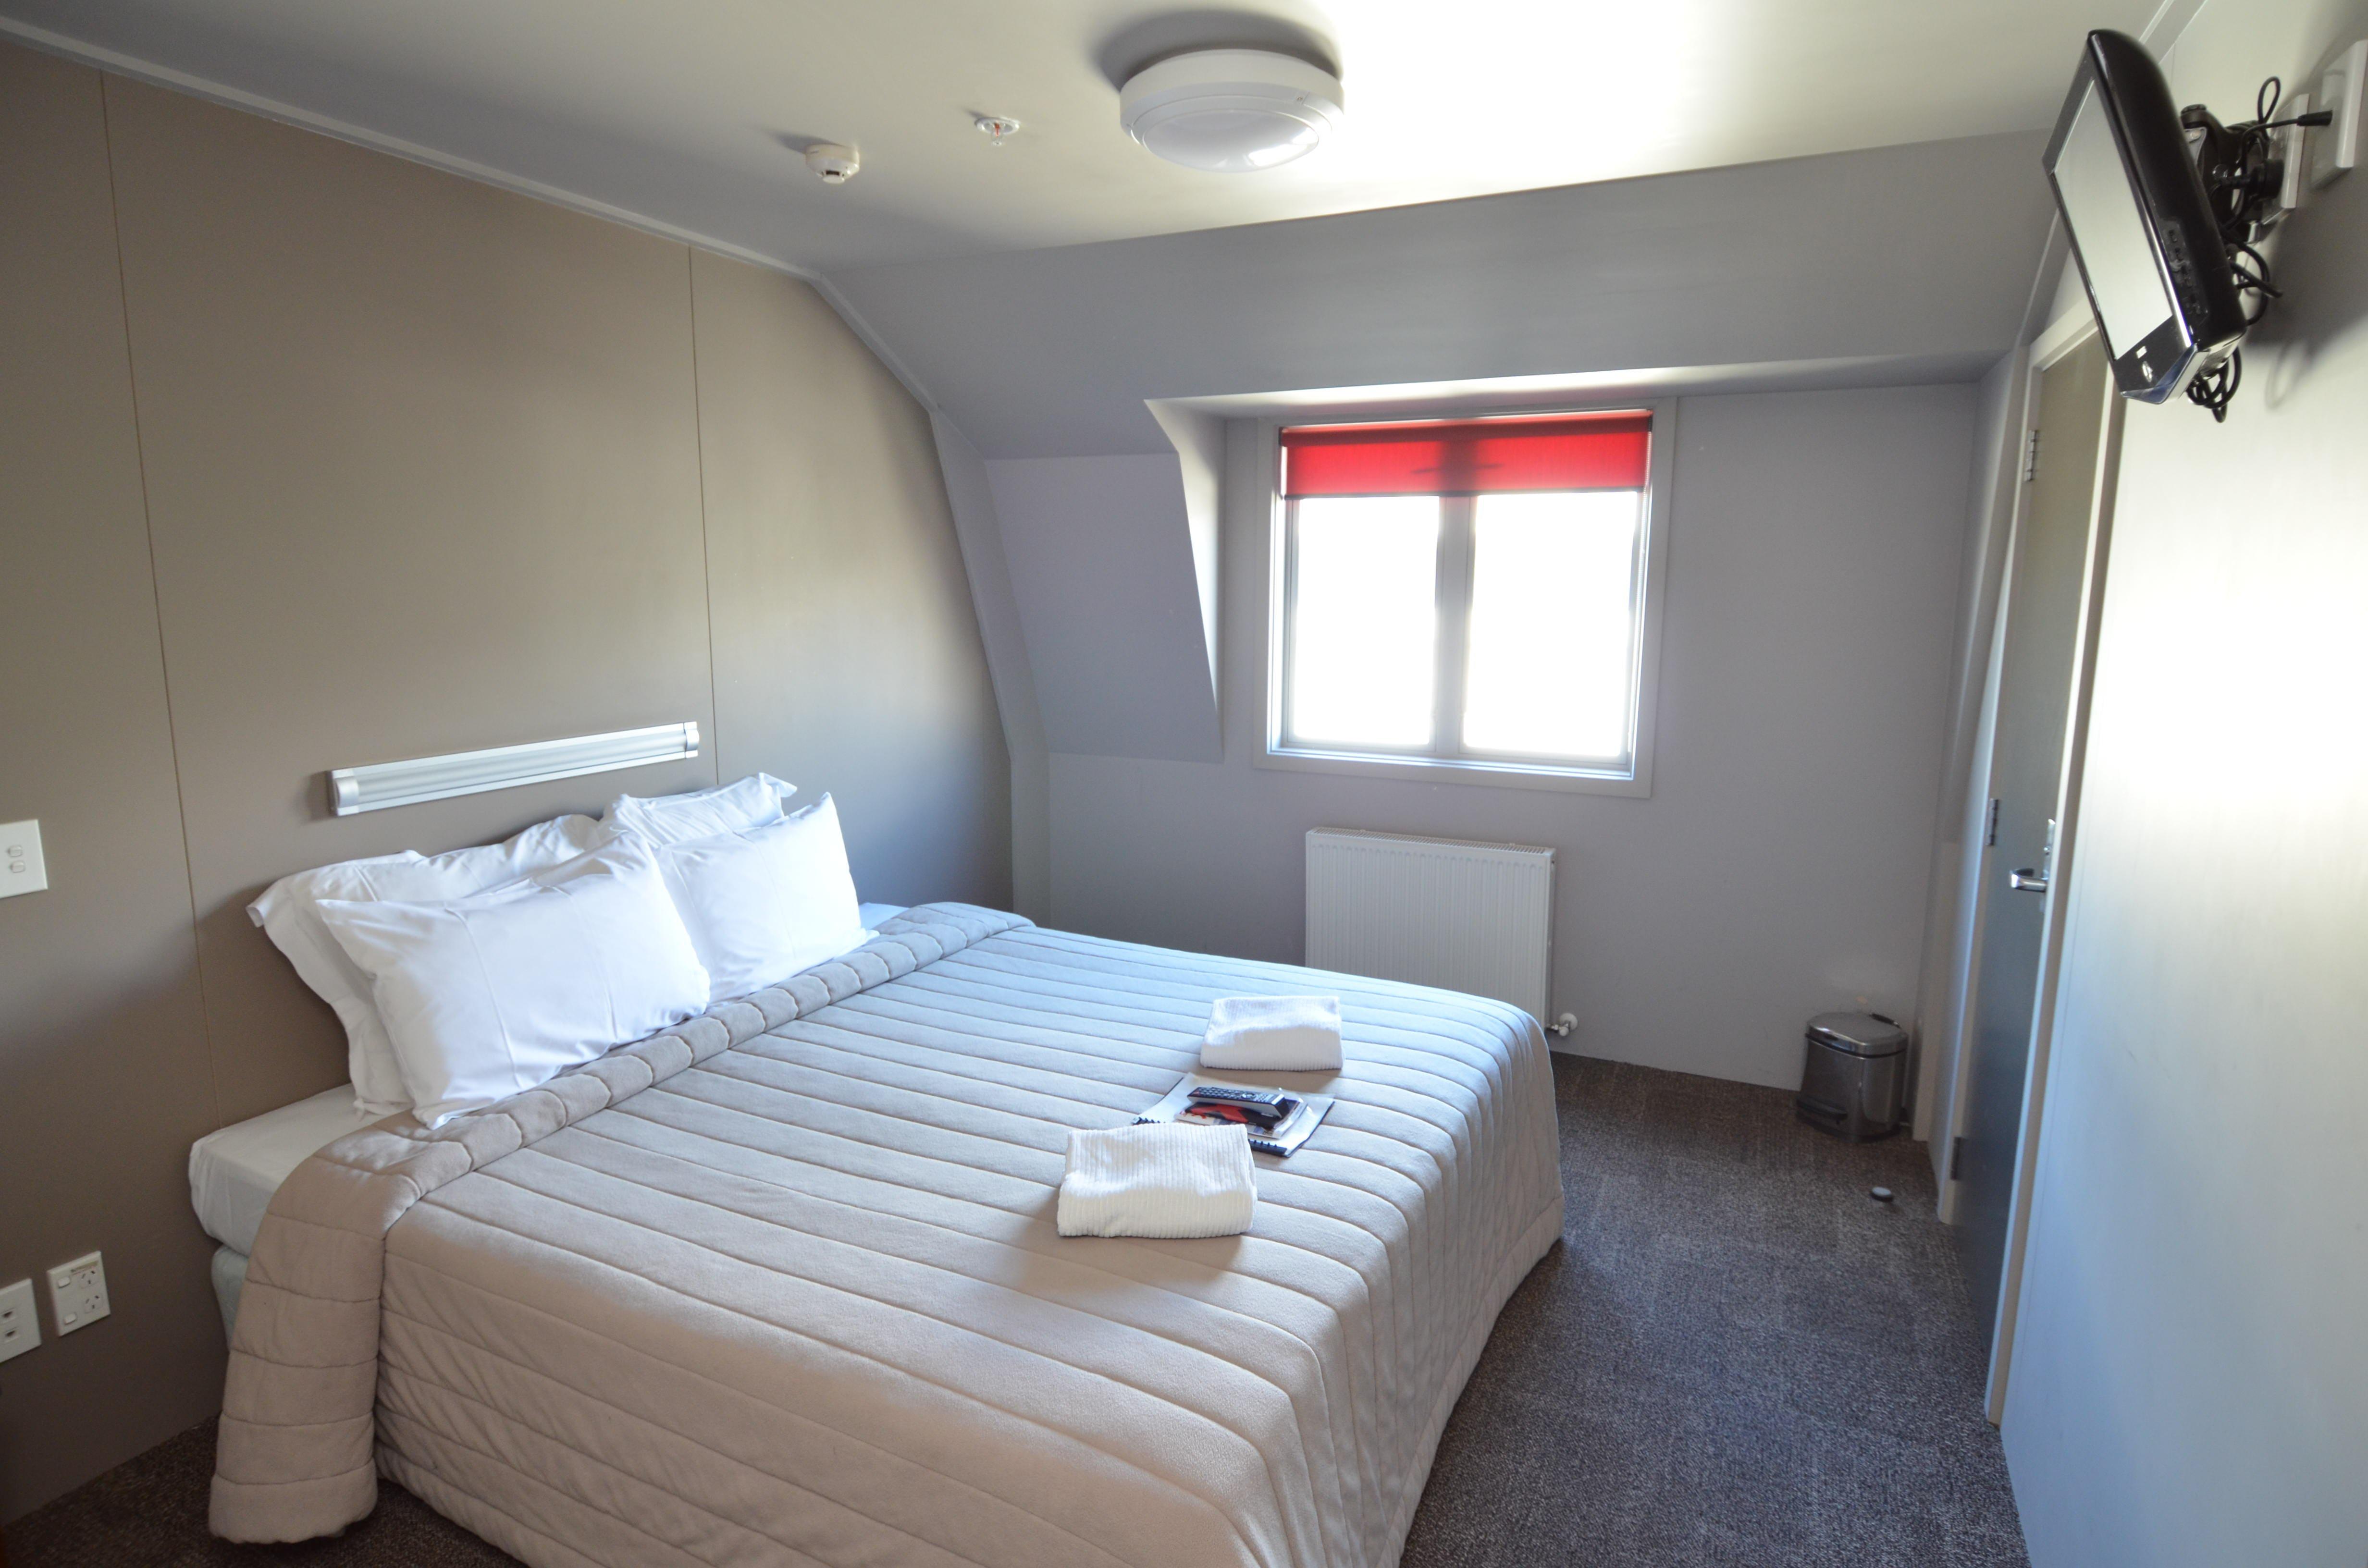 Base瓦纳卡背包客旅馆私人大床双人套房